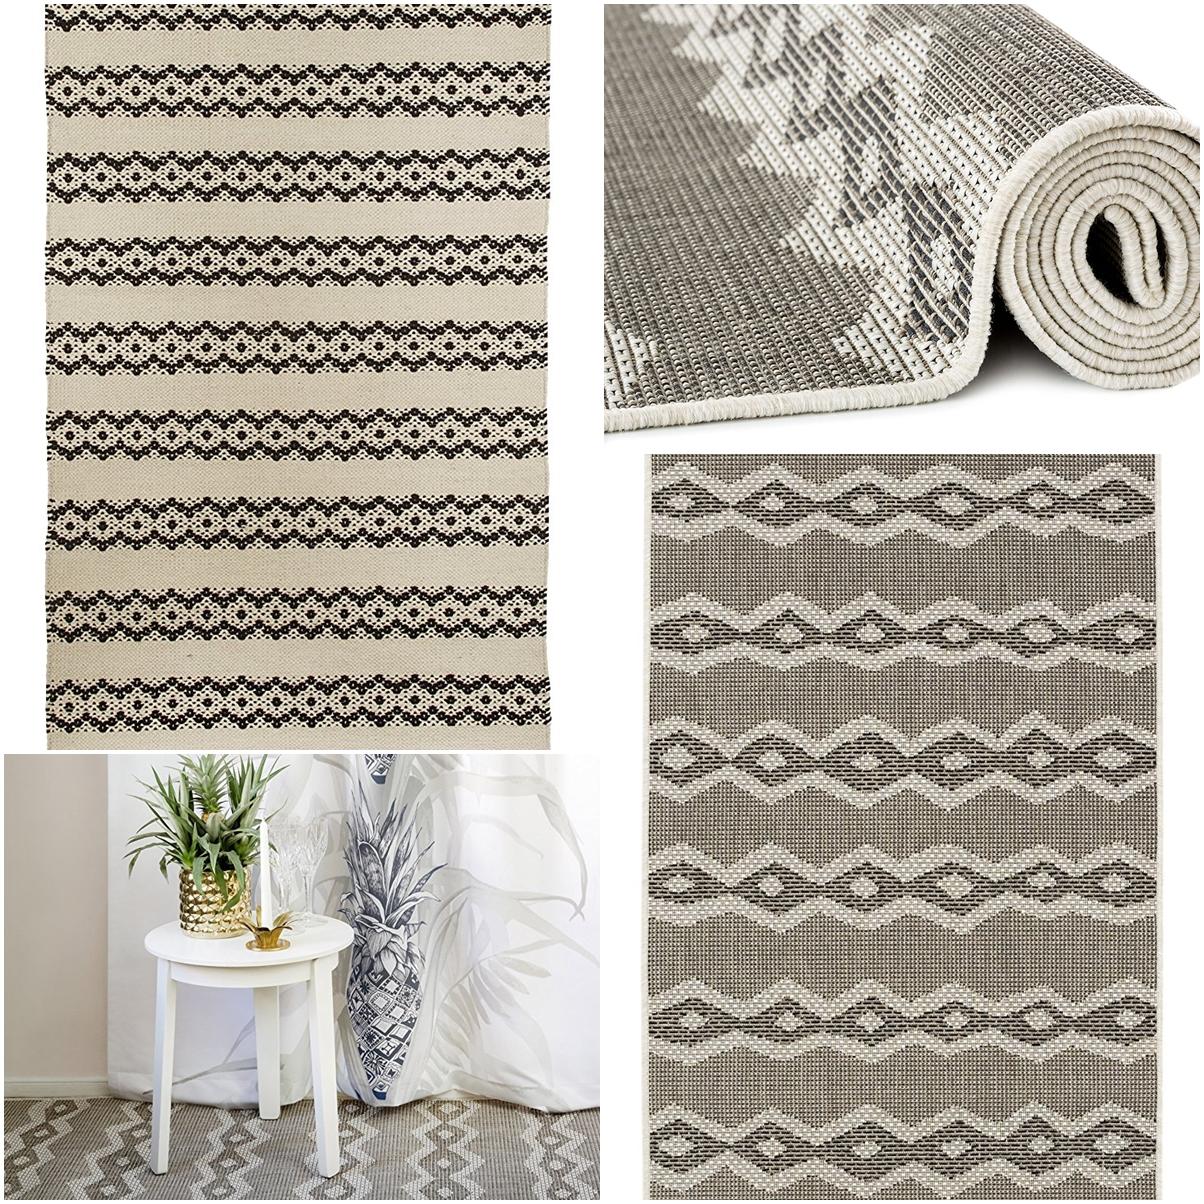 Teppiche: wunderschön, besonders und kleine Kunstwerke! Perfekt für eine besondere Wohnzimmerdeko oder Wanddeko